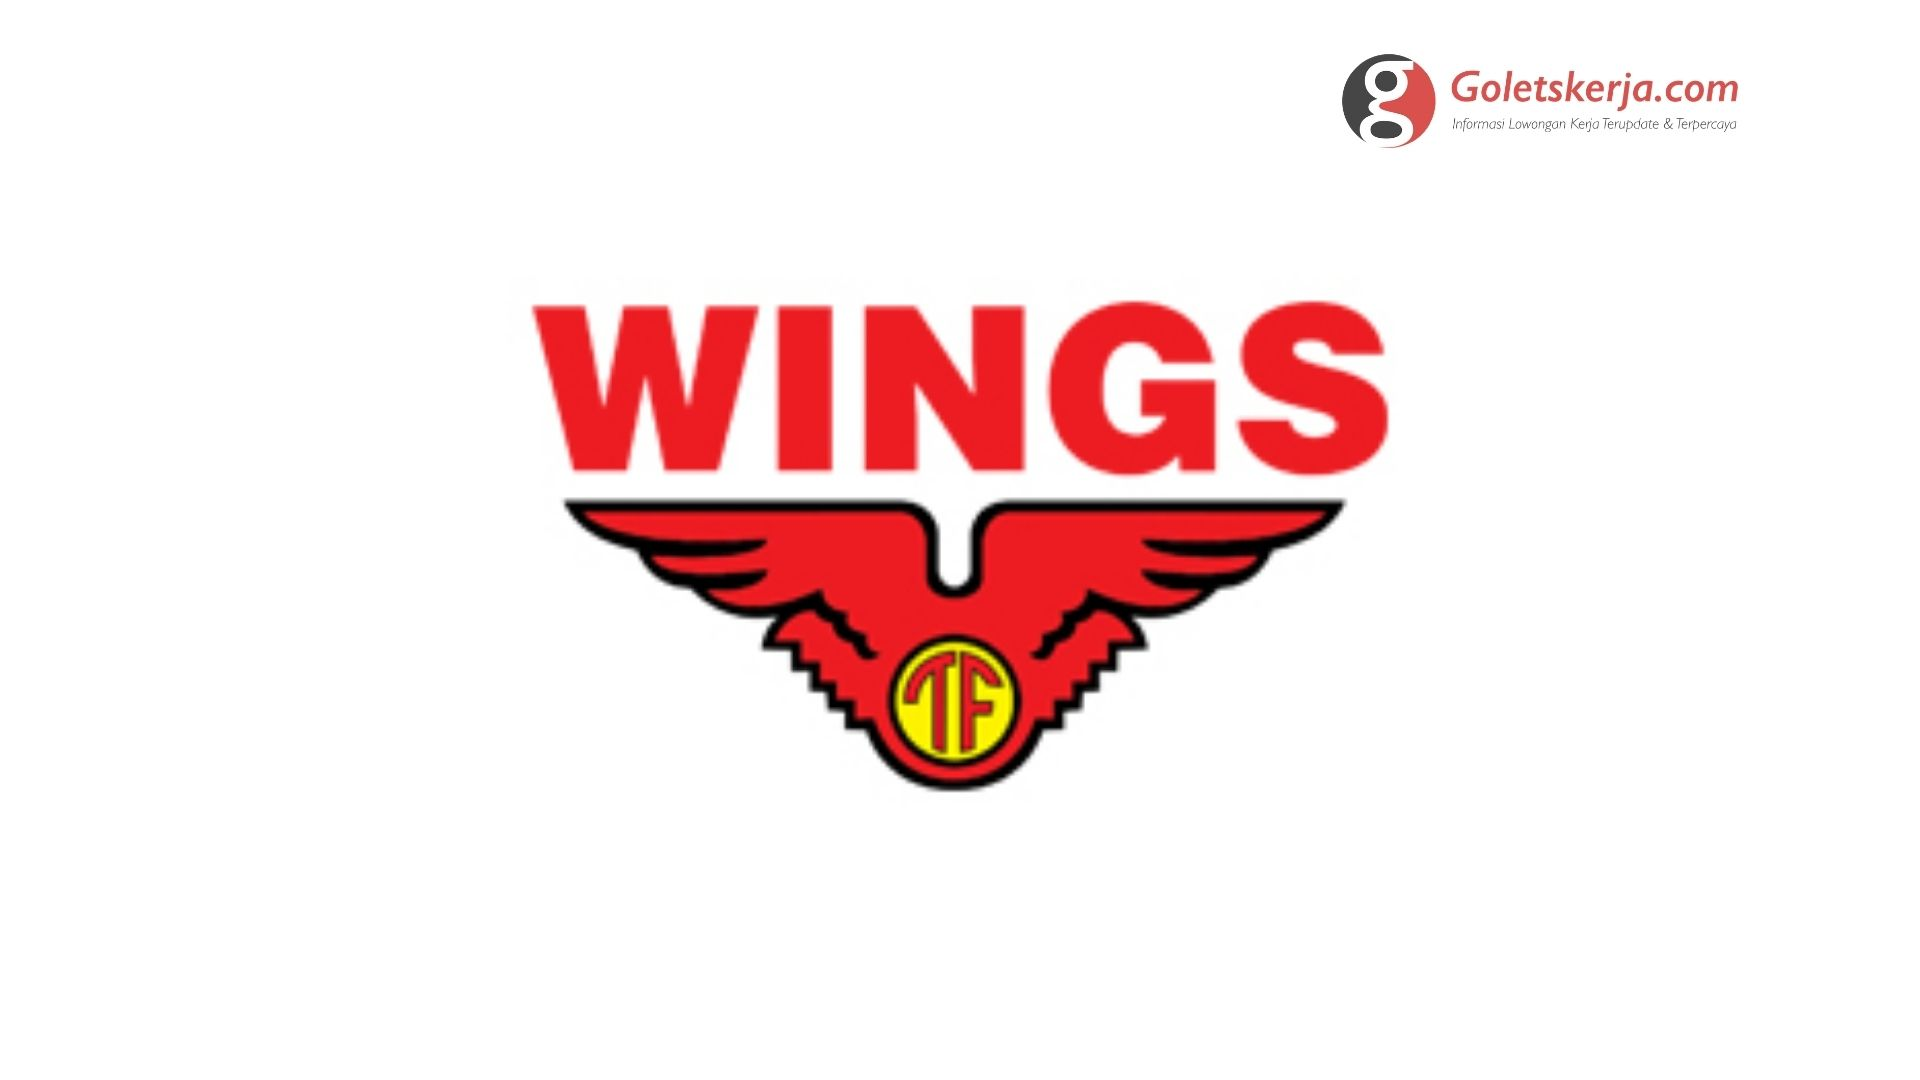 Lowongan Kerja PT Wings Surya (Wings Group) - Juni 2021